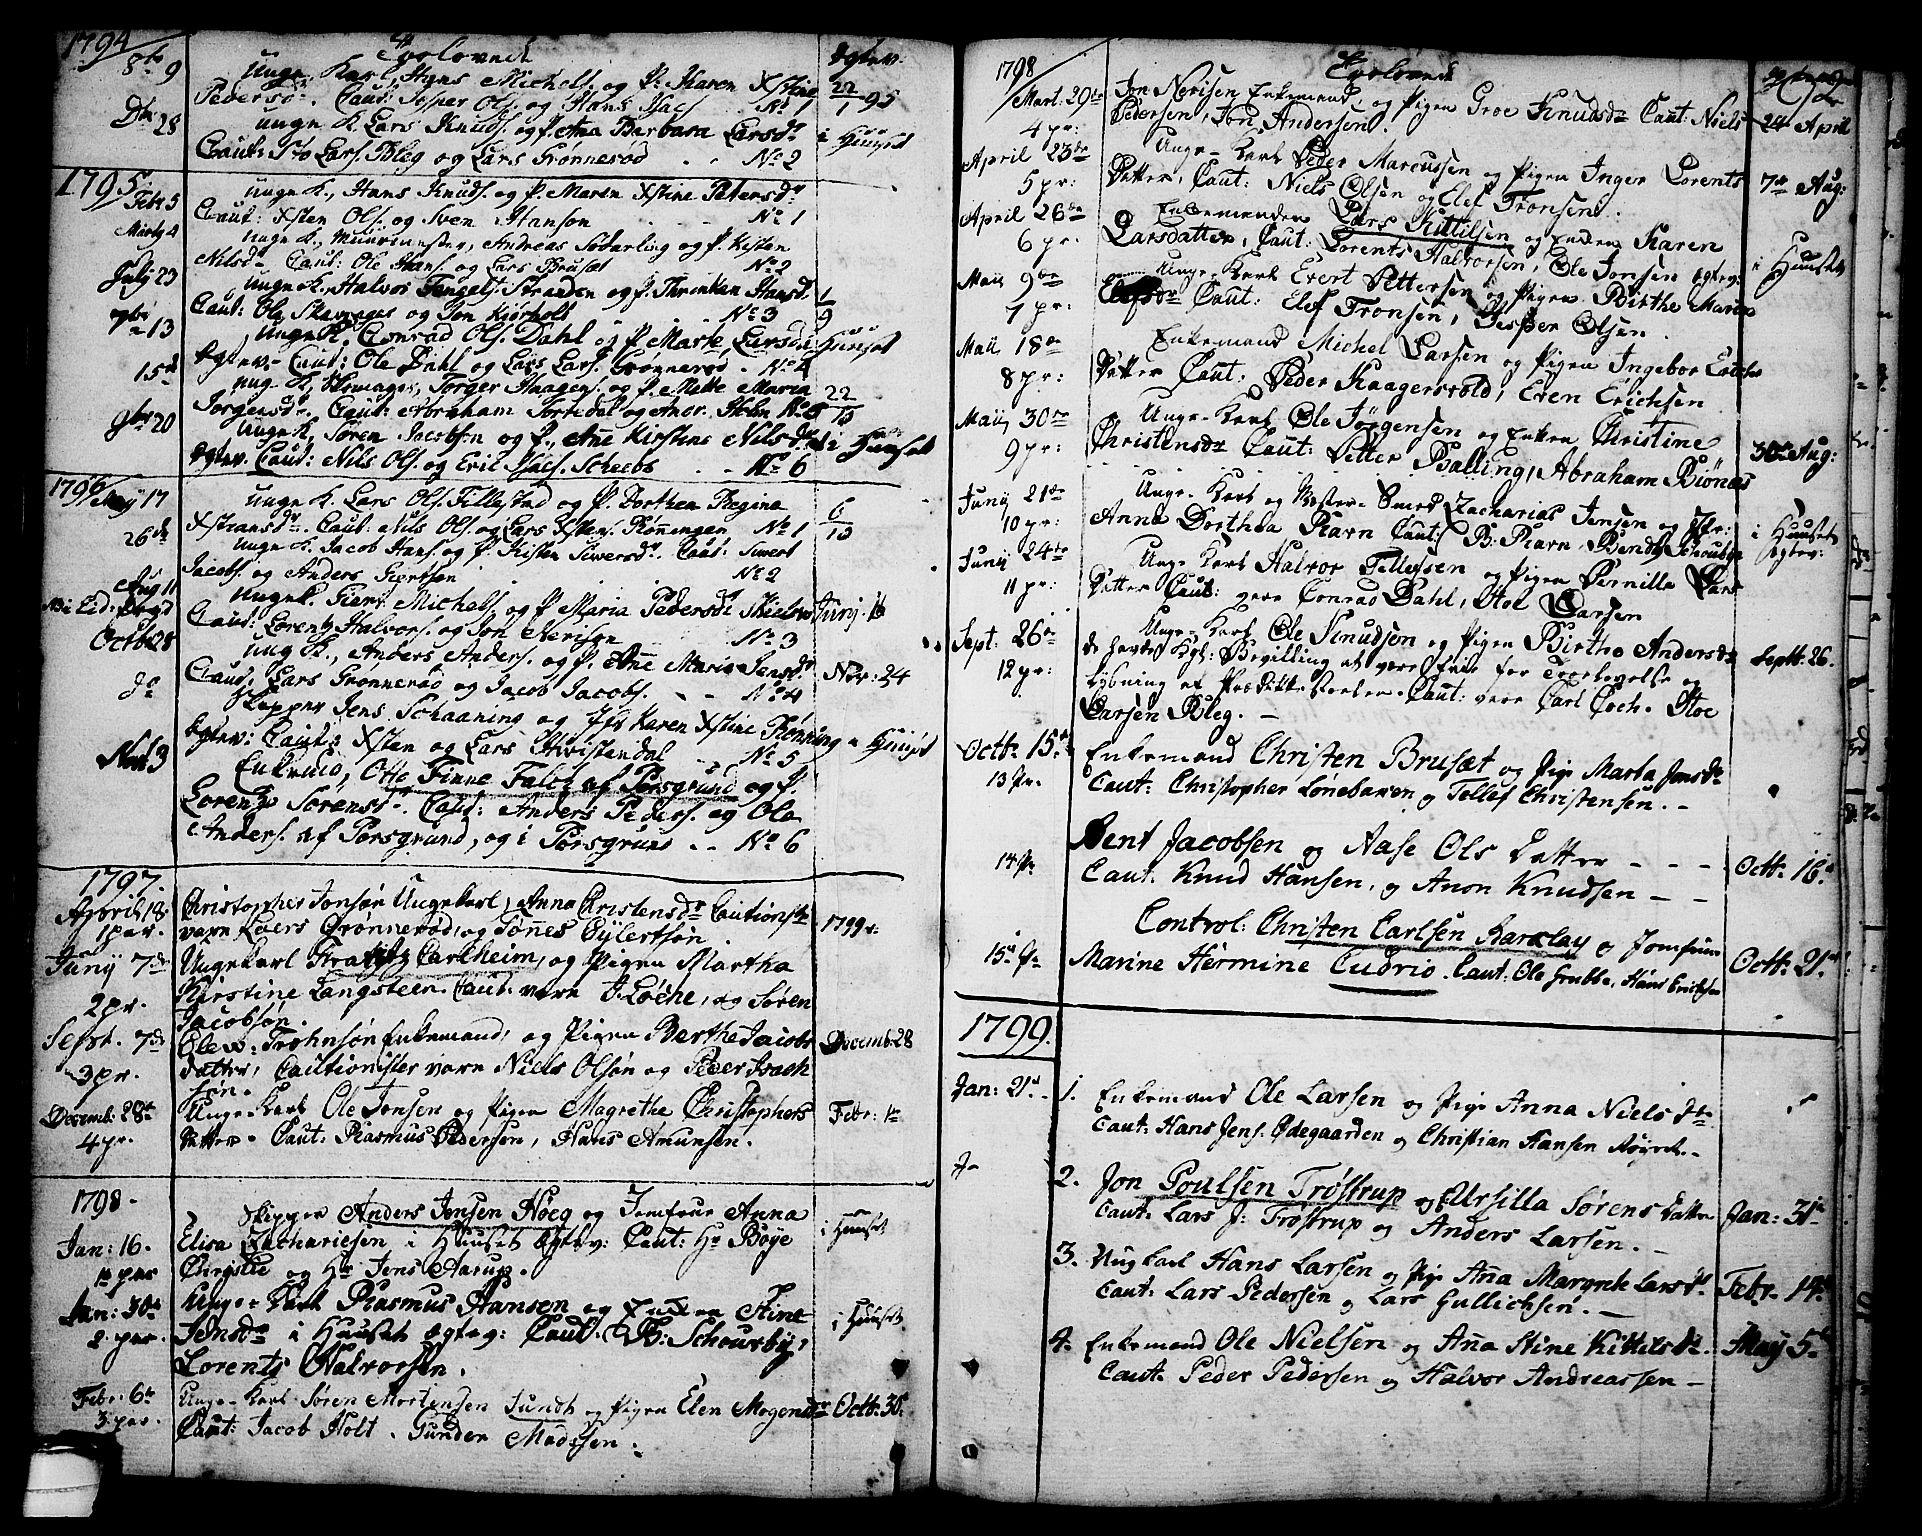 SAKO, Brevik kirkebøker, F/Fa/L0003: Ministerialbok nr. 3, 1764-1814, s. 92